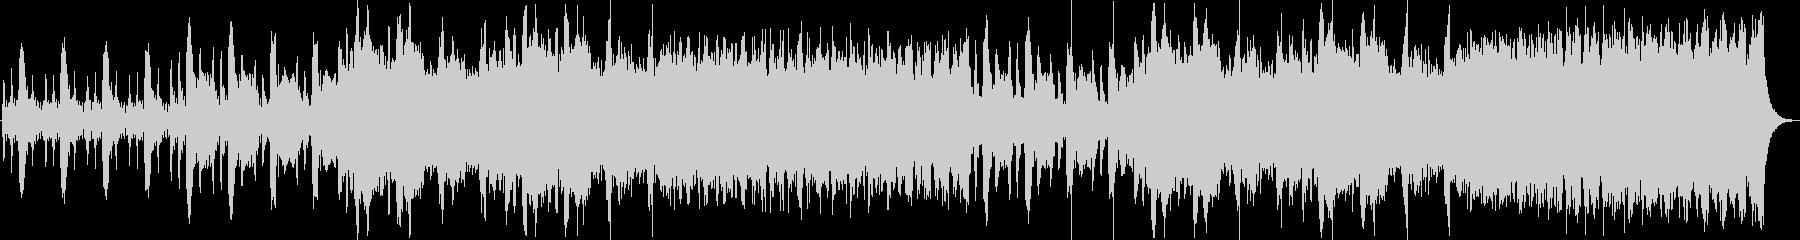 ストリングスの不穏な室内楽風プログレの未再生の波形